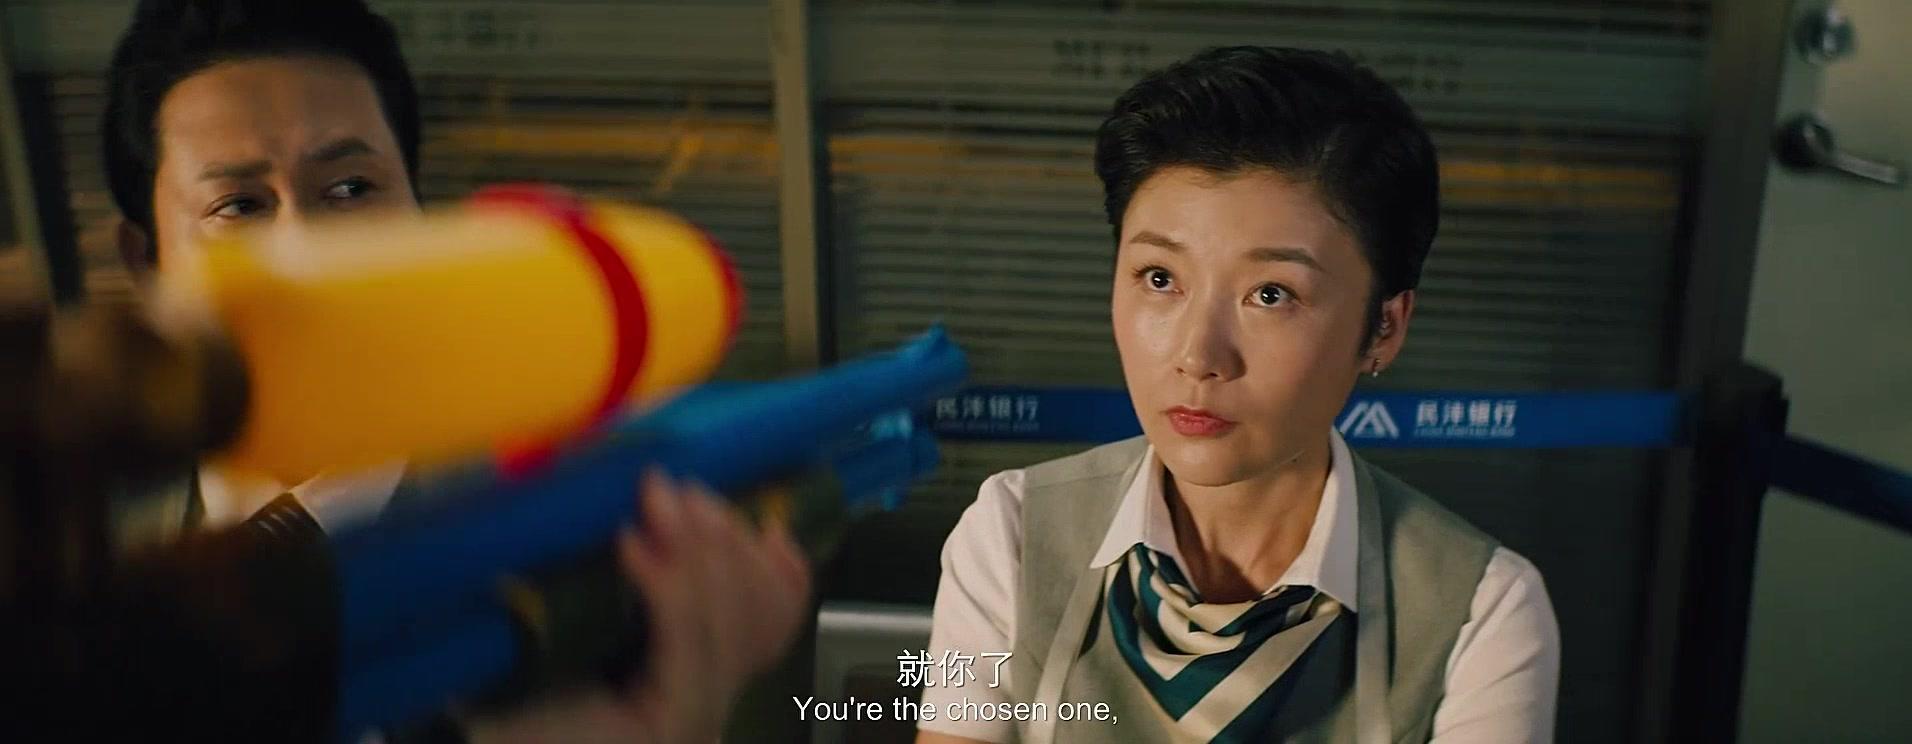 大鹏:女职员本来牙疼的不行,看到特警这么帅又不想去医院了